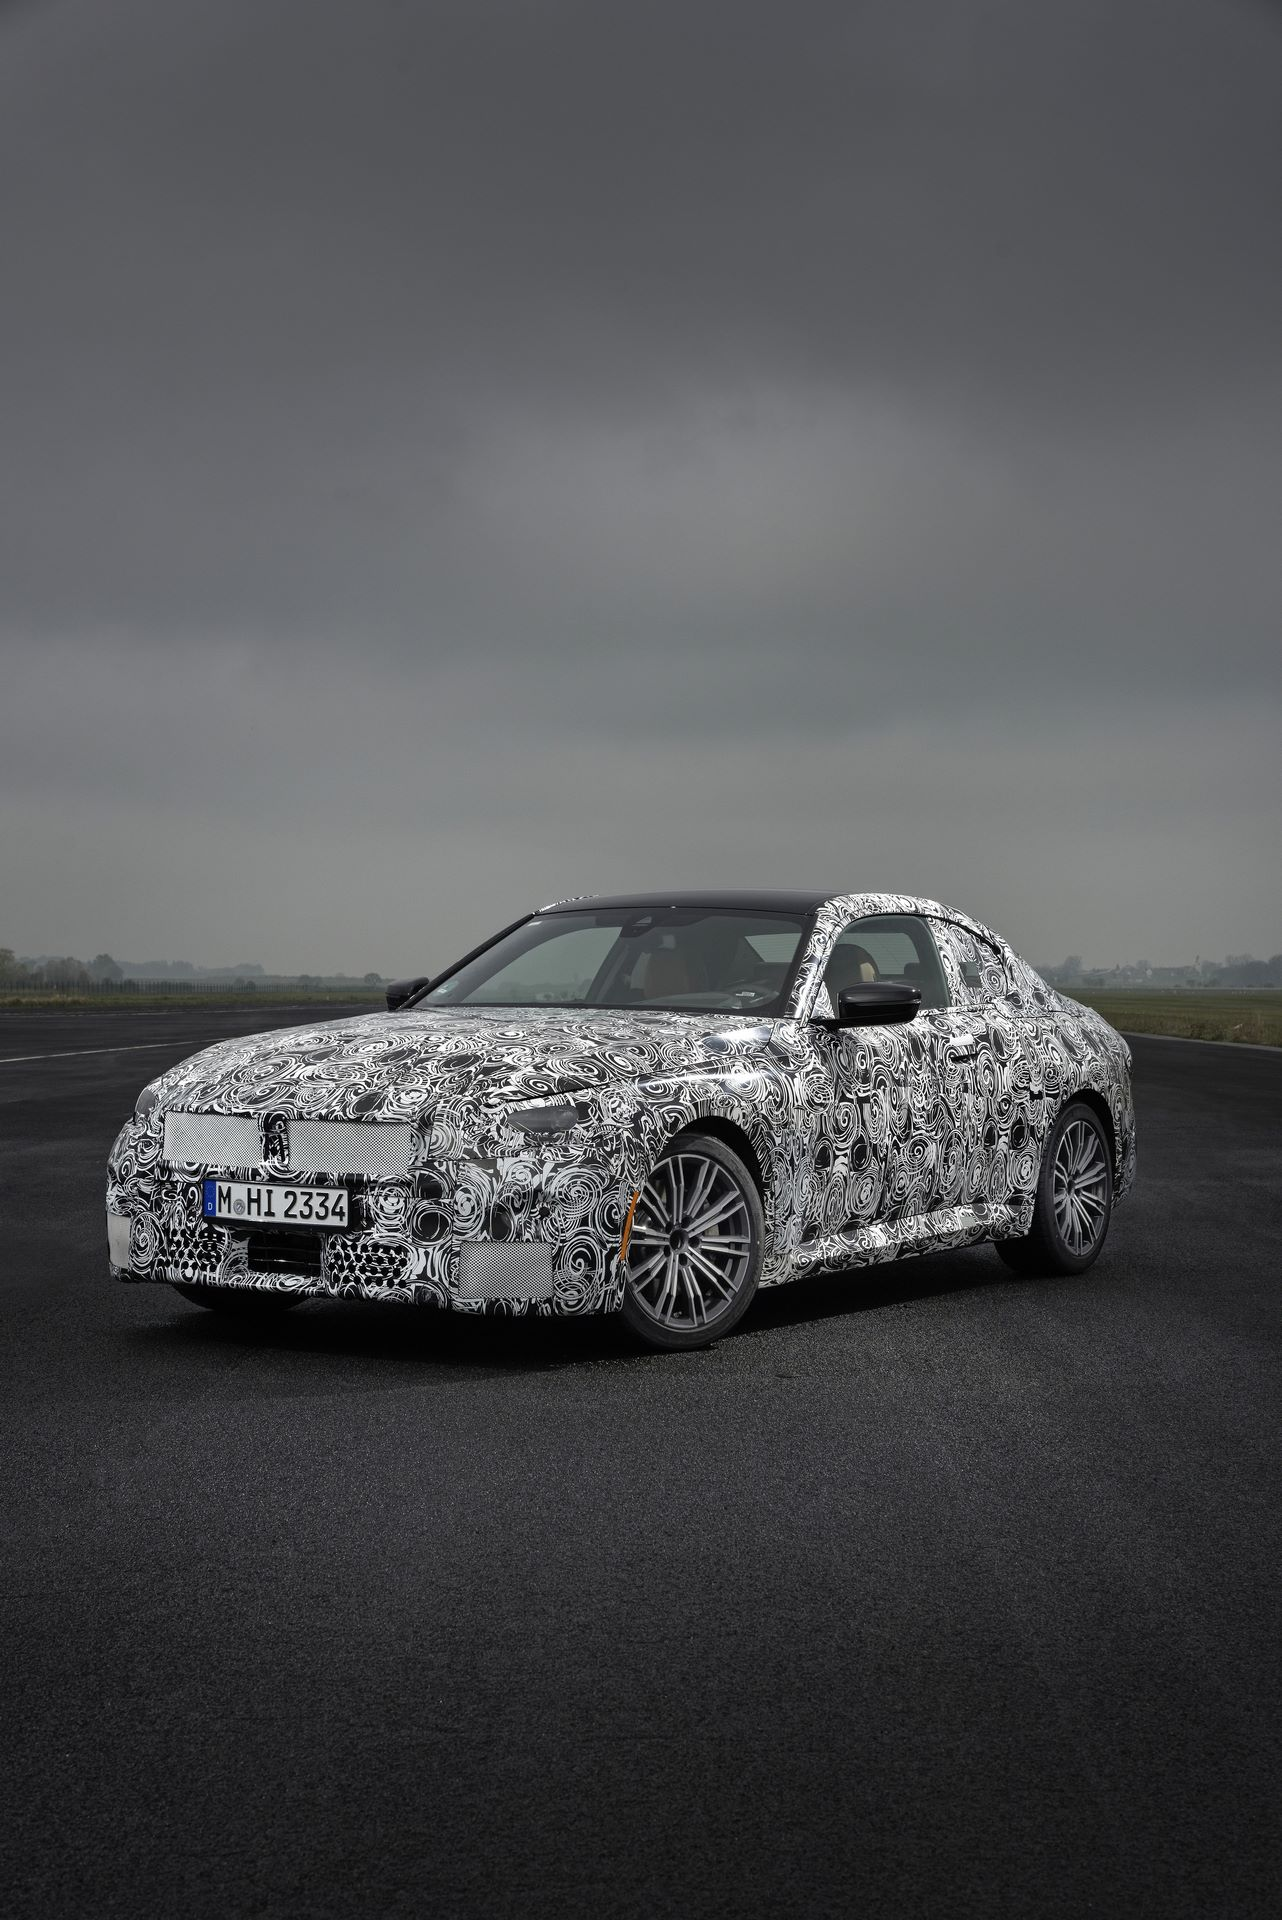 BMW-2-Series-M240i-spy-photos-48